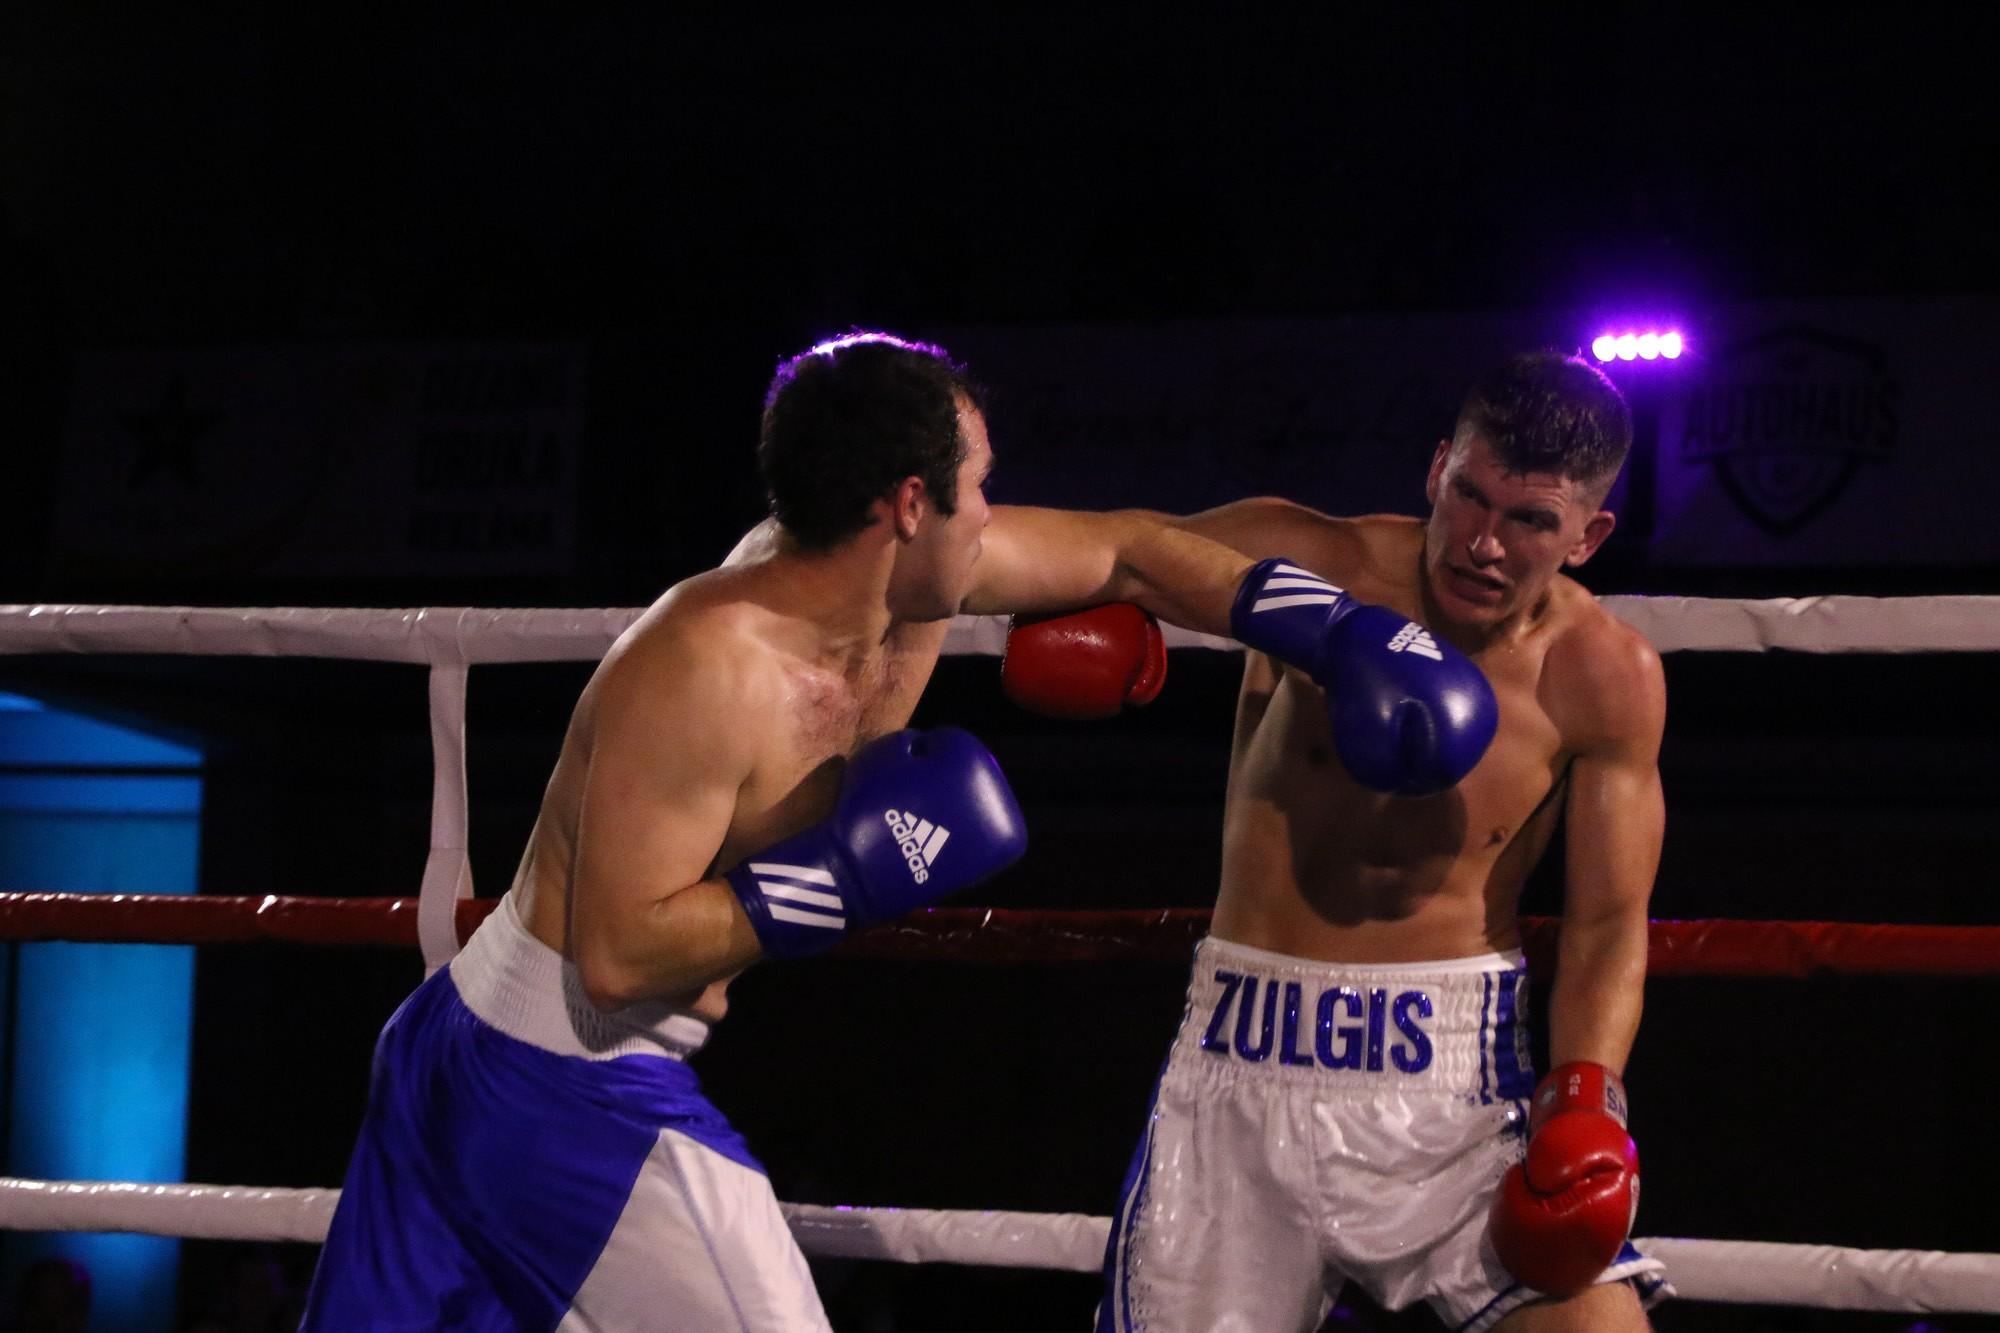 """Papildināts – Cīņu šovā """"Fight Night Liepāja"""" piedalās labākie Liepājas sportisti"""